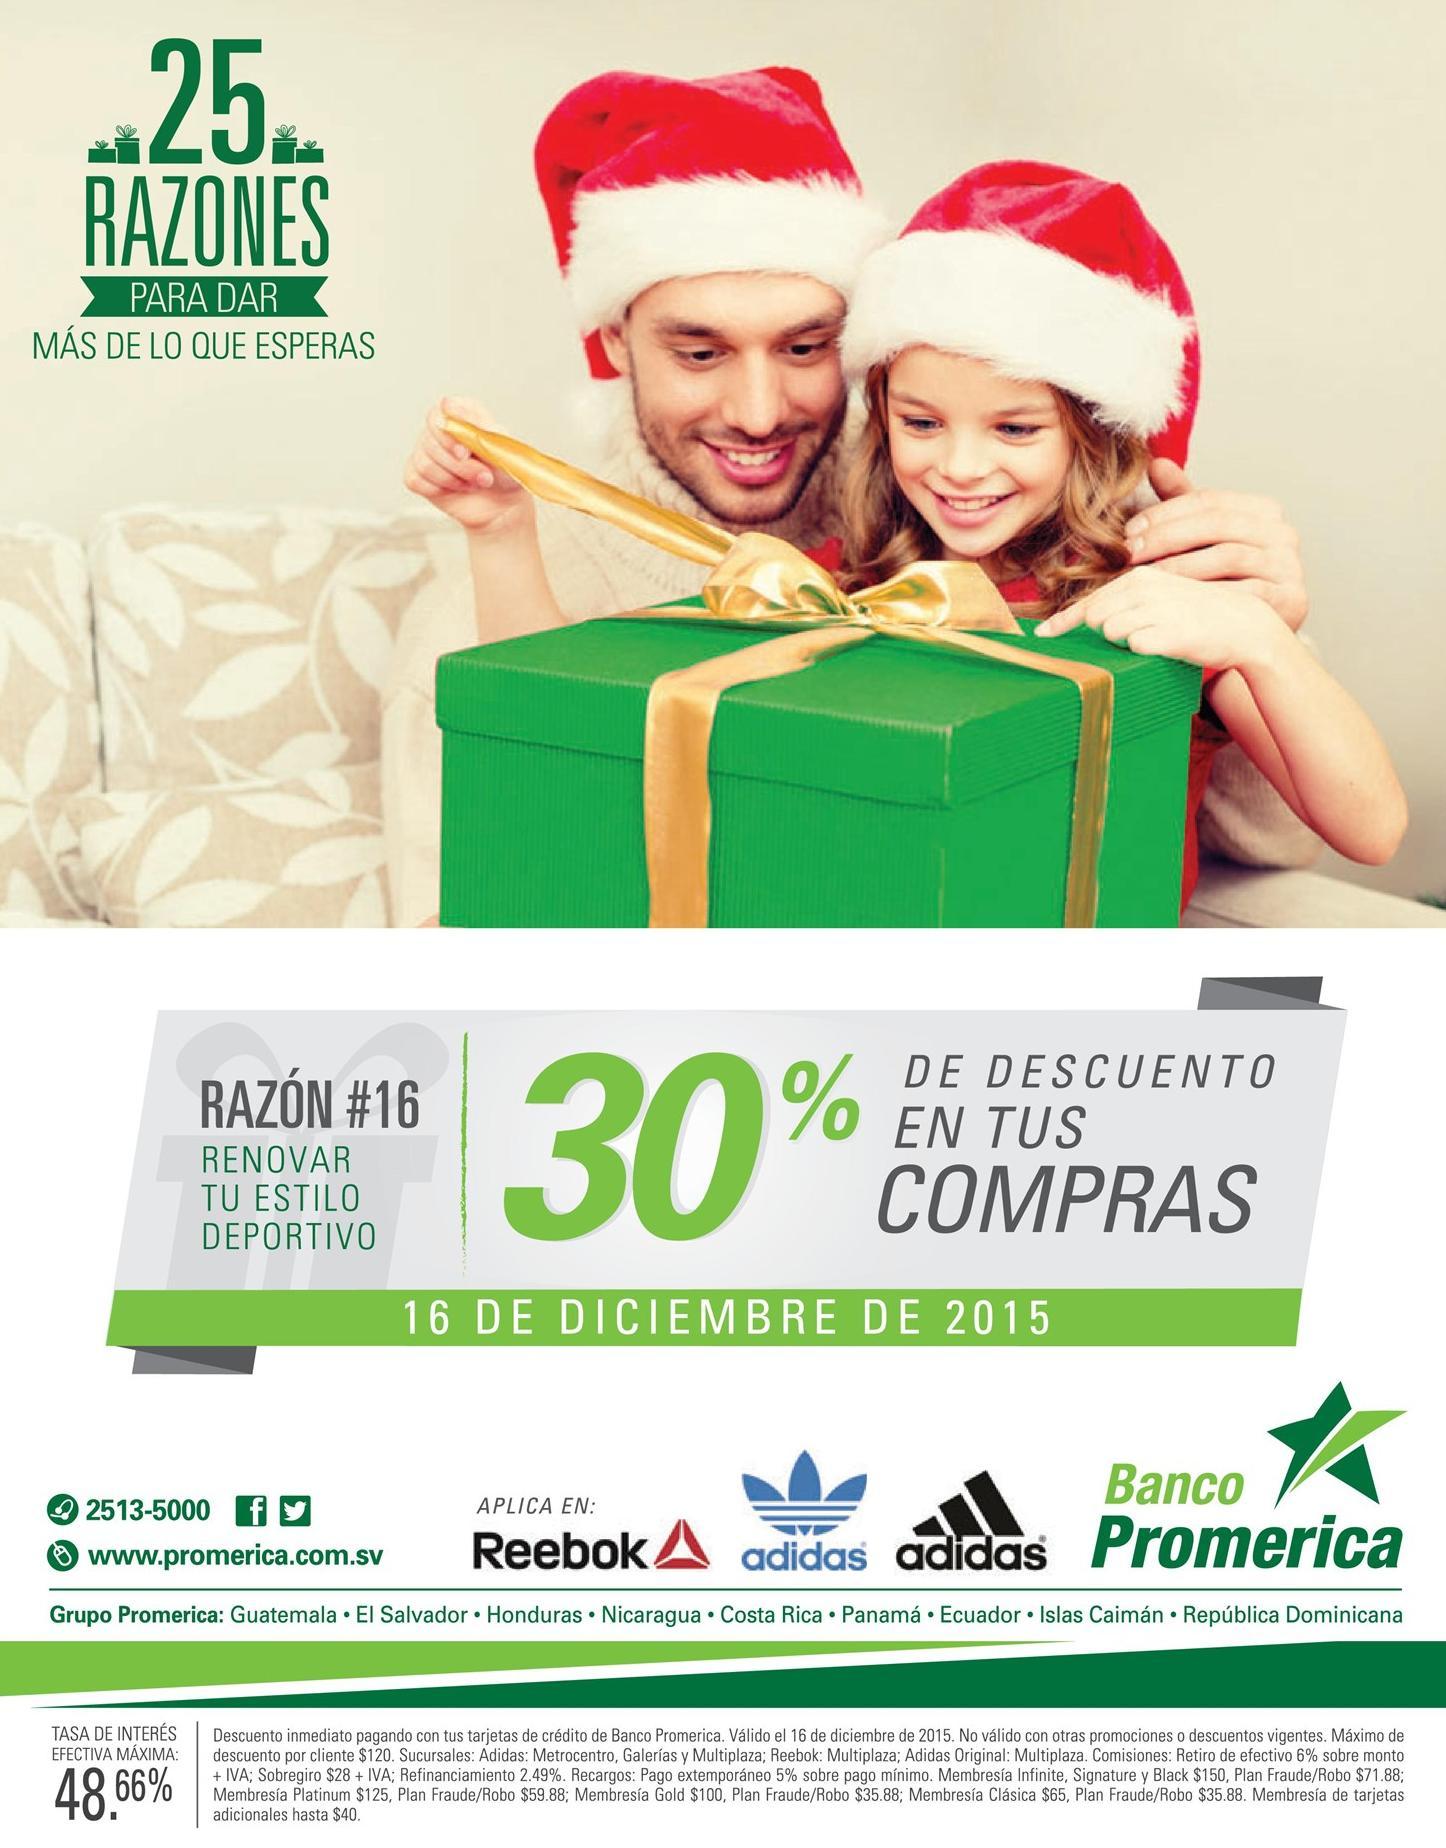 Banco Promerica Ahora tenes 30 off en tus compras de articulos deportivos